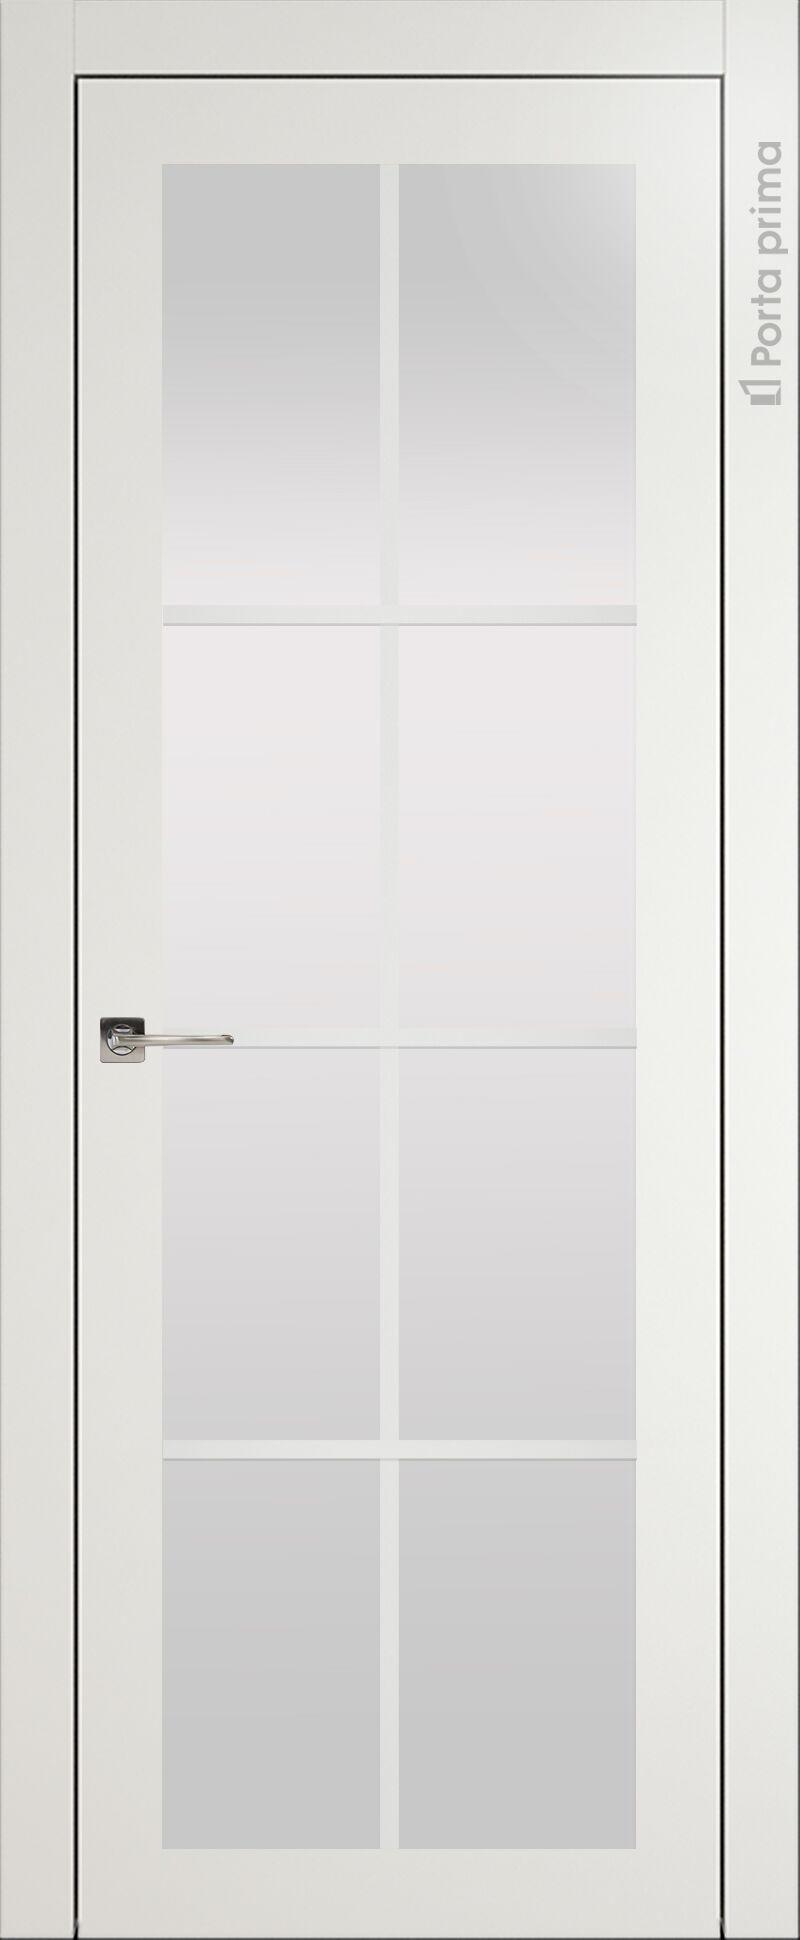 Tivoli З-5 цвет - Бежевая эмаль (RAL 9010) Со стеклом (ДО)